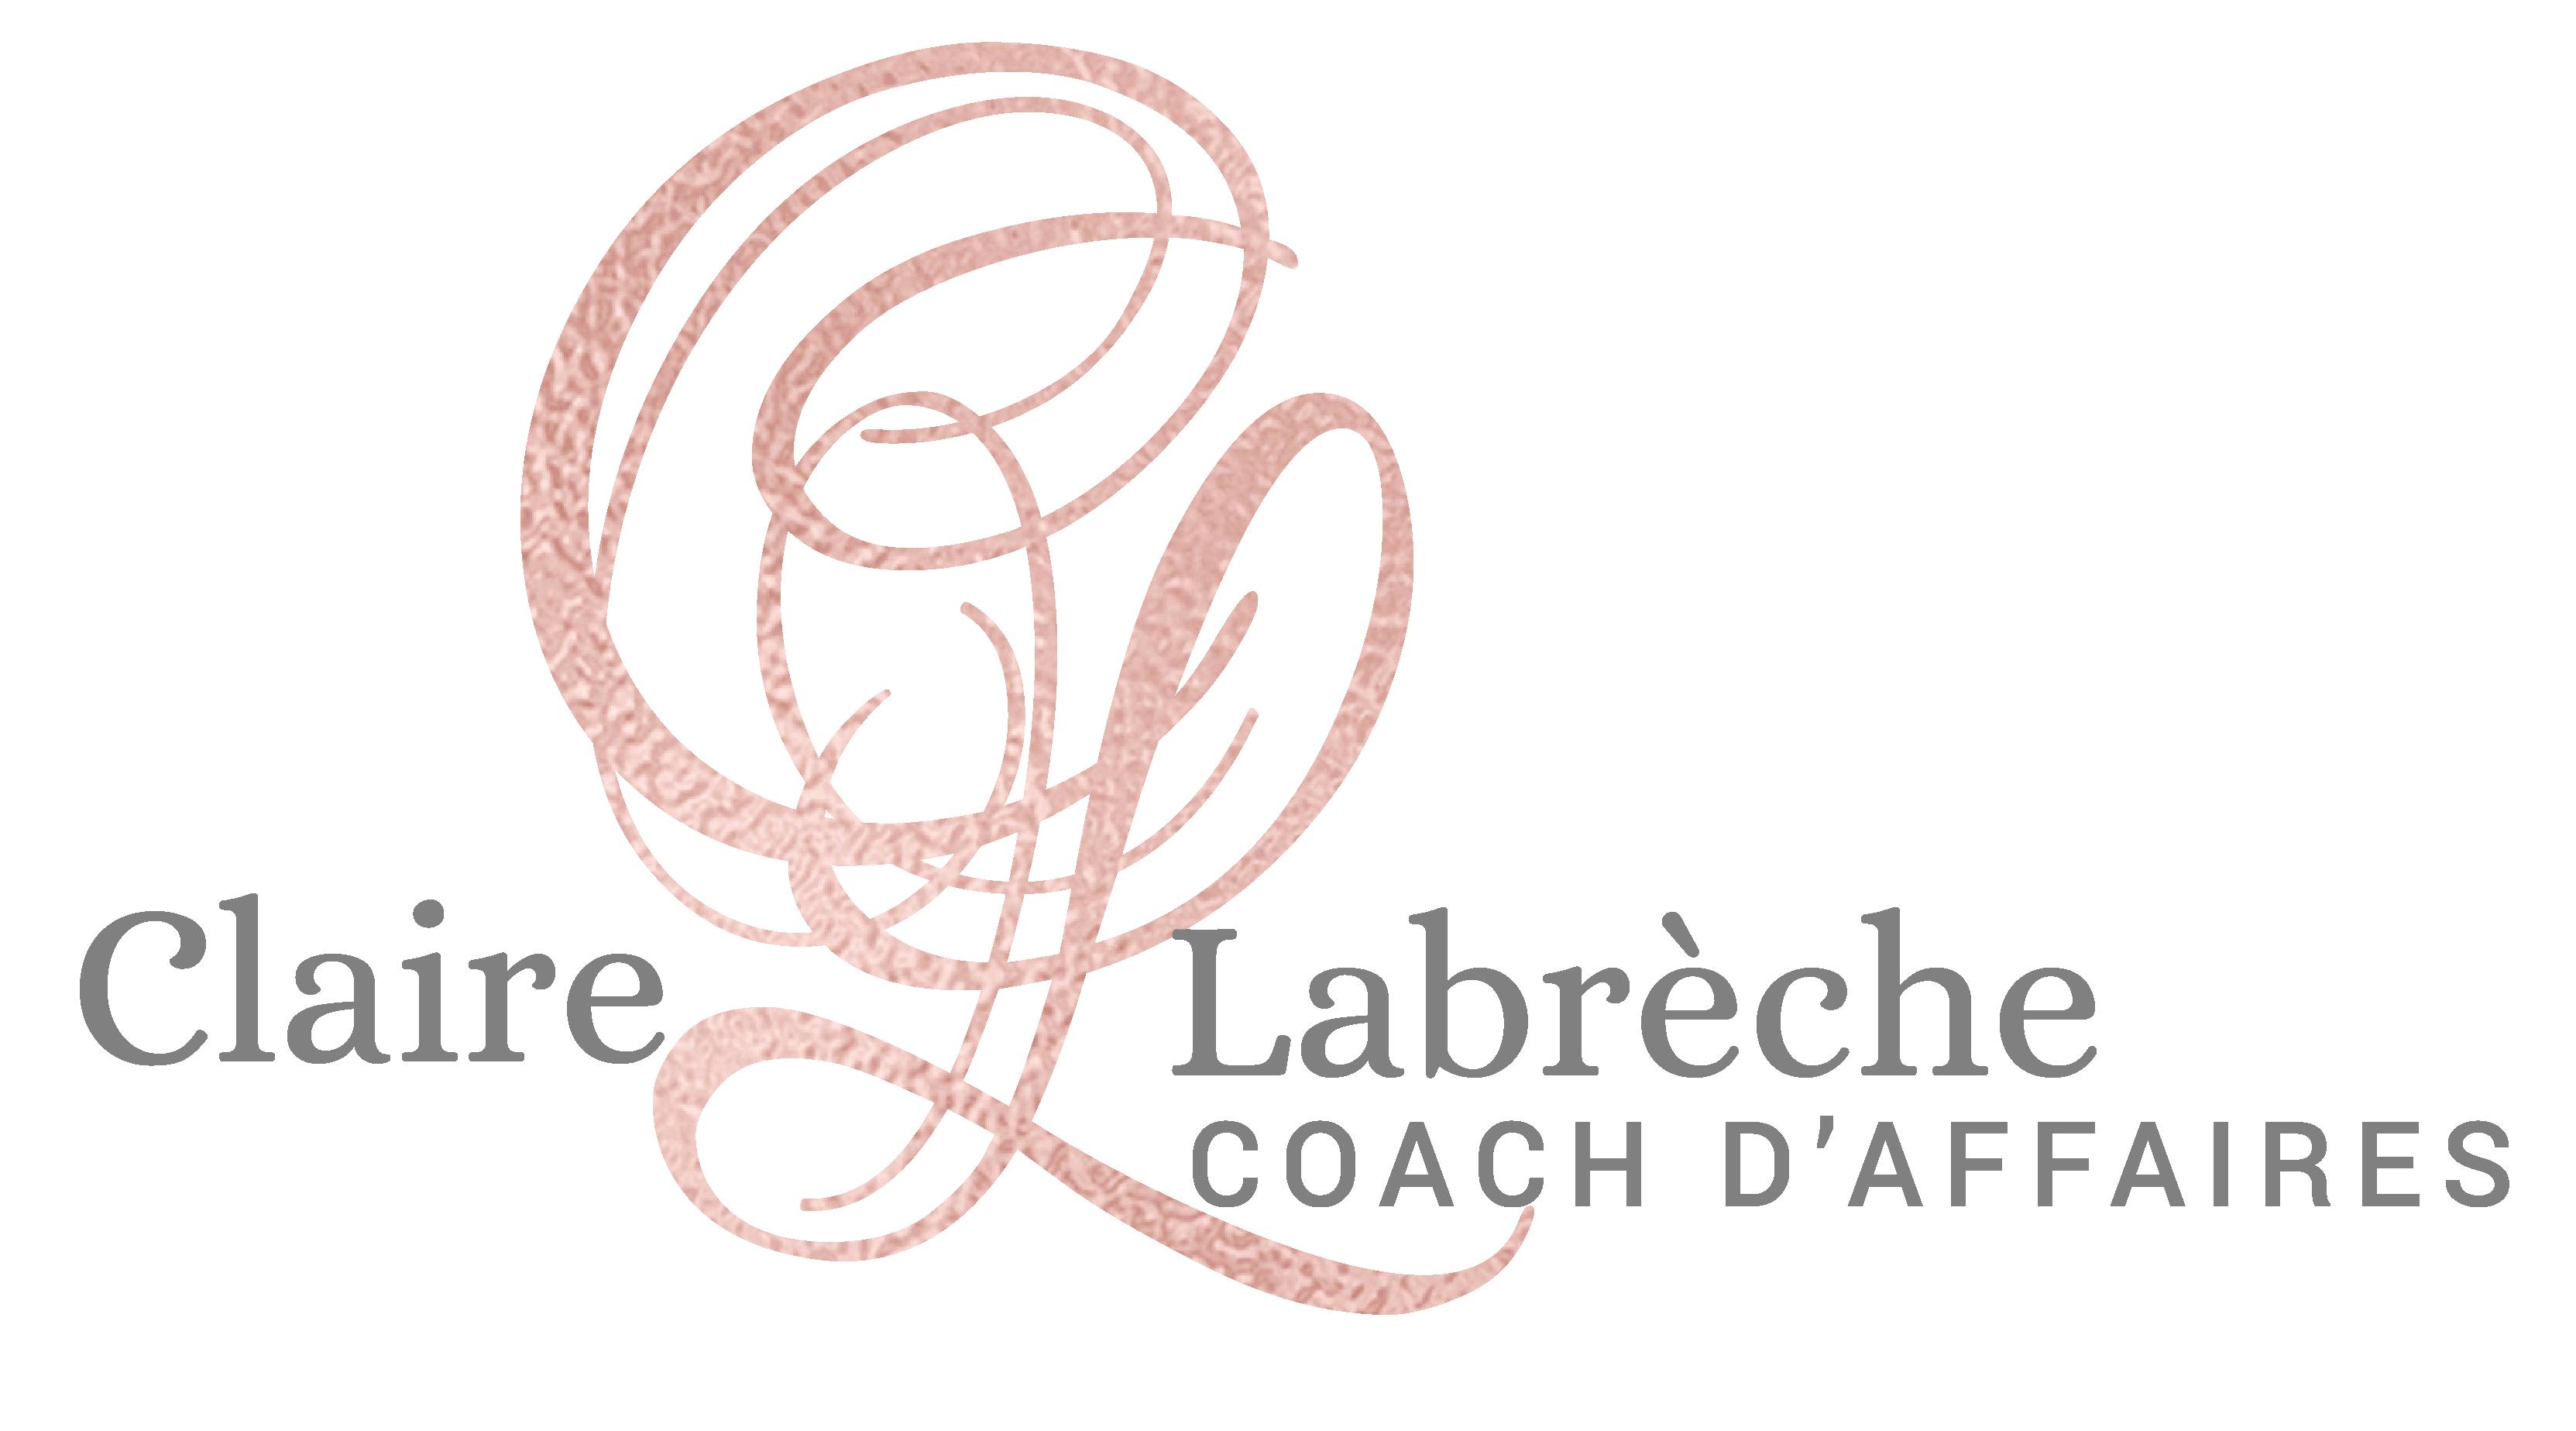 Claire Labrèche Coach d'affaires